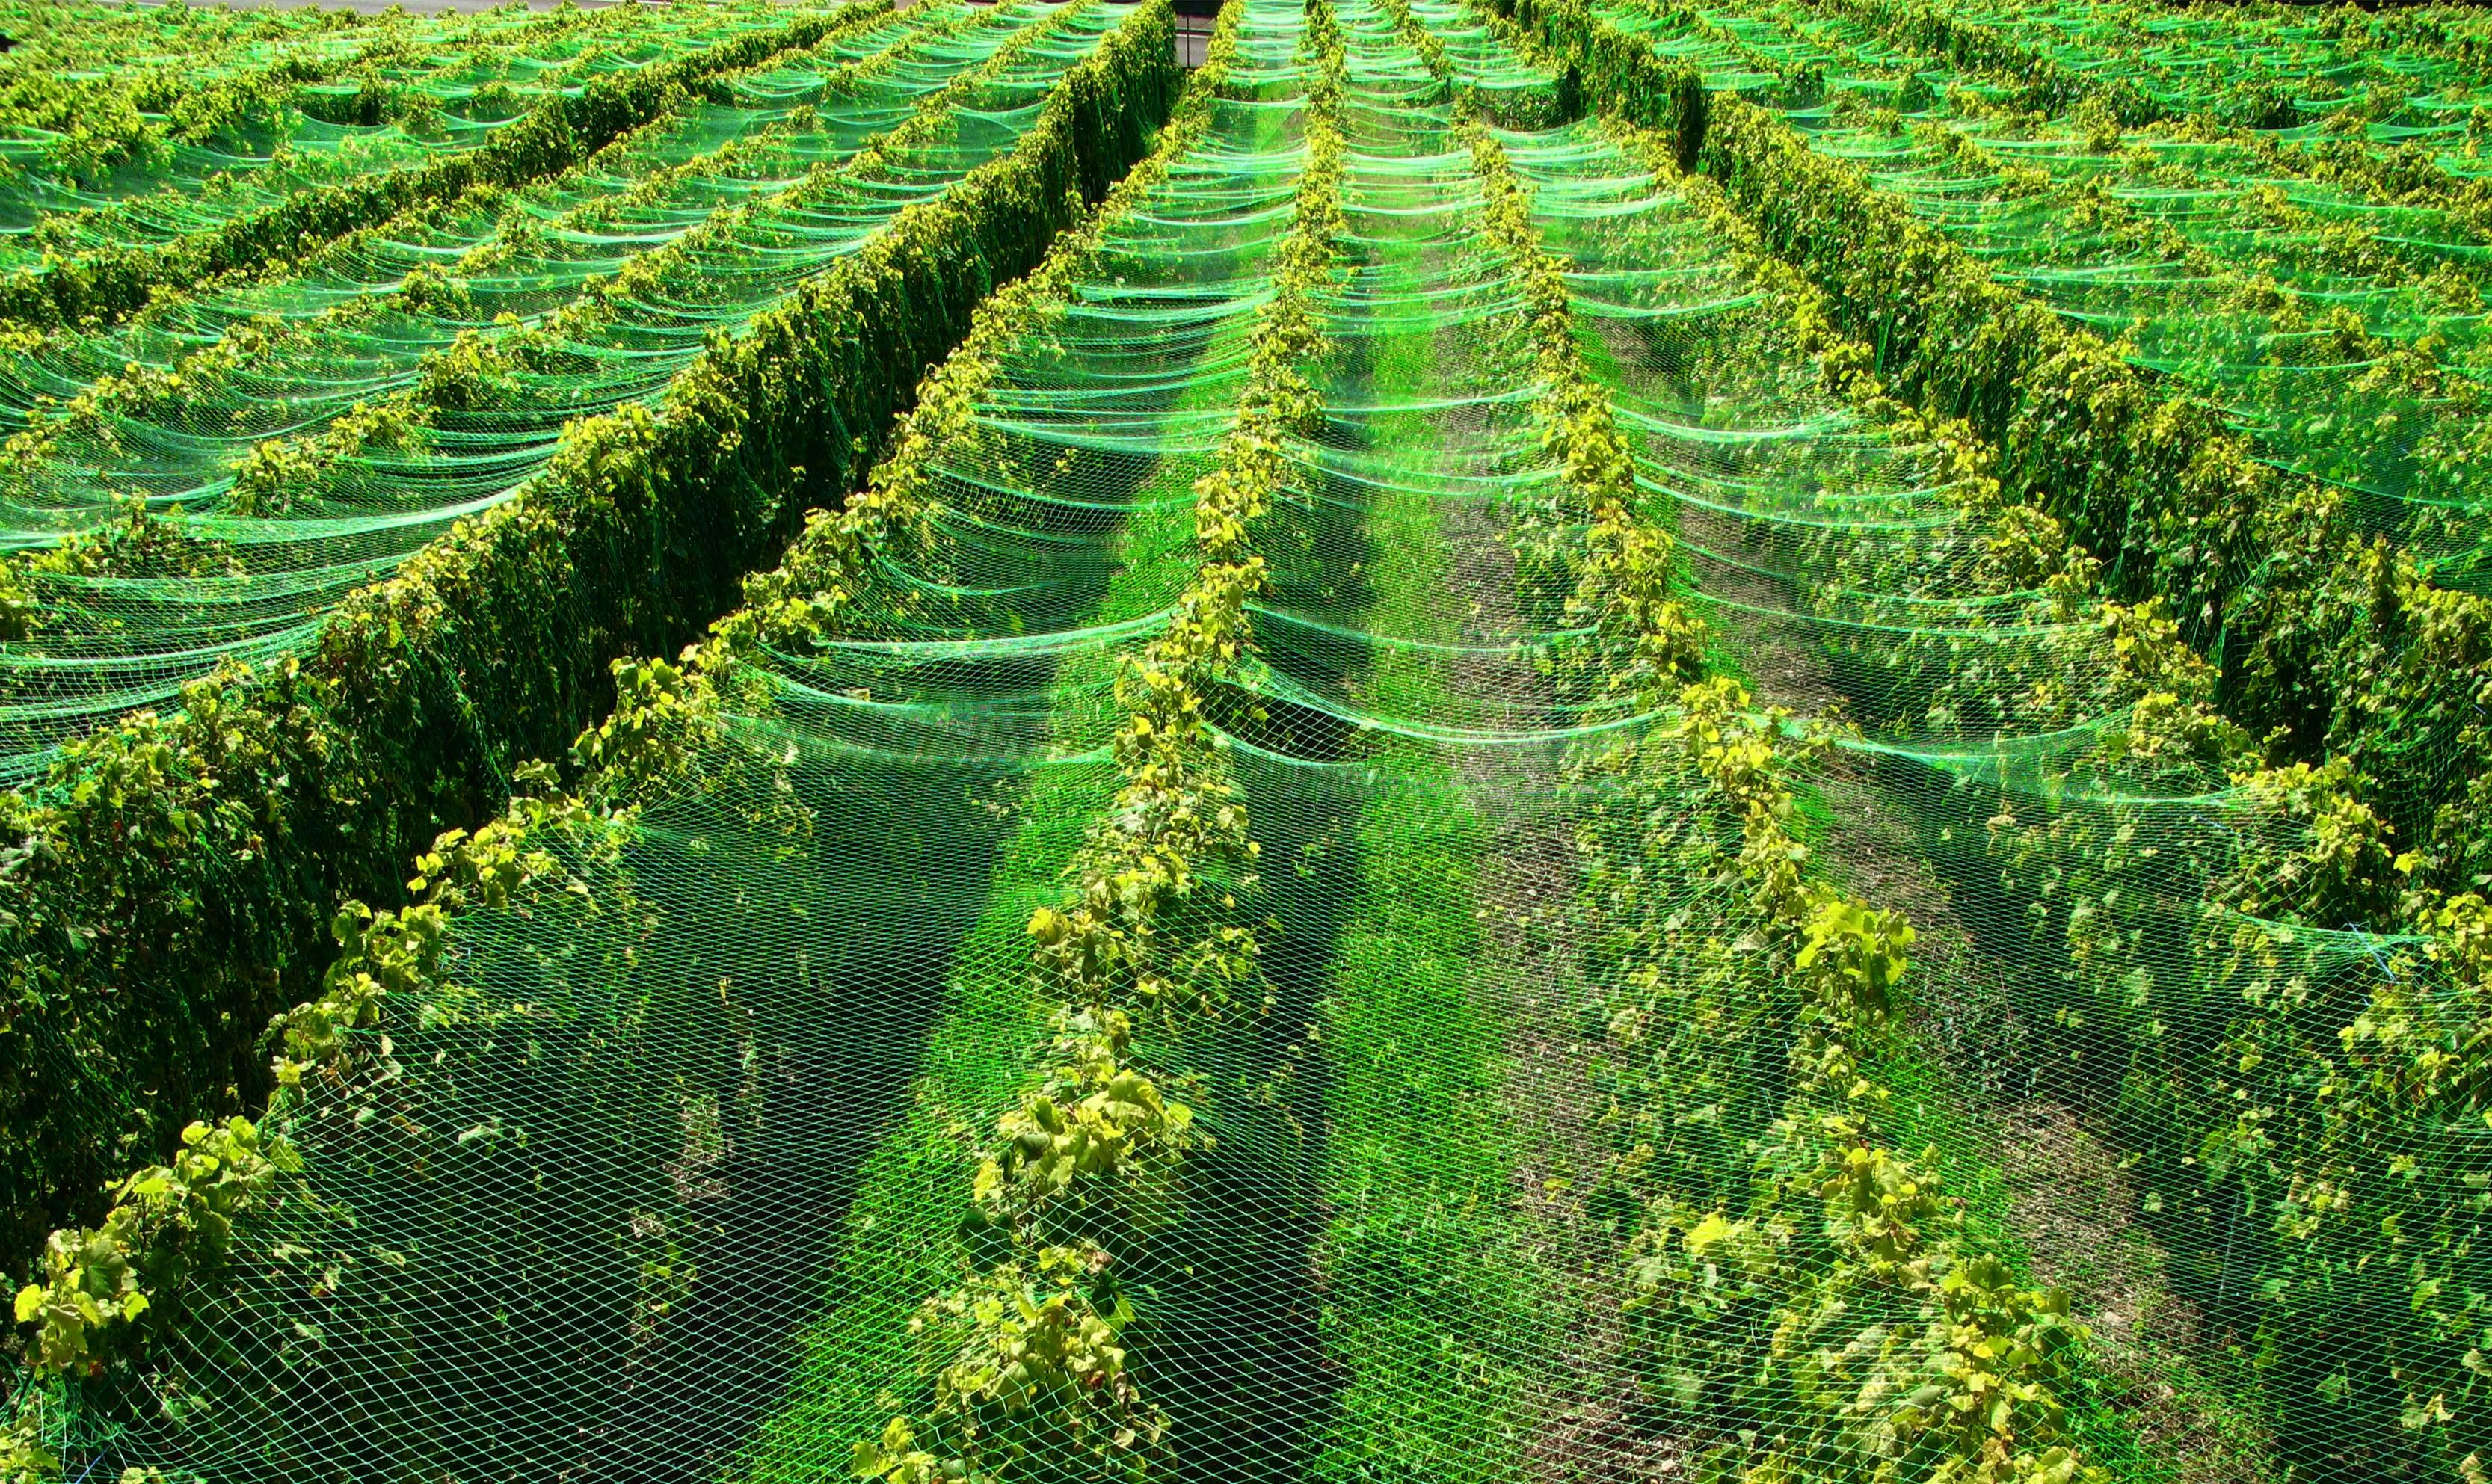 Teichnetz 20m x 8m Reiherschutz Silonetz Laubschutznetz